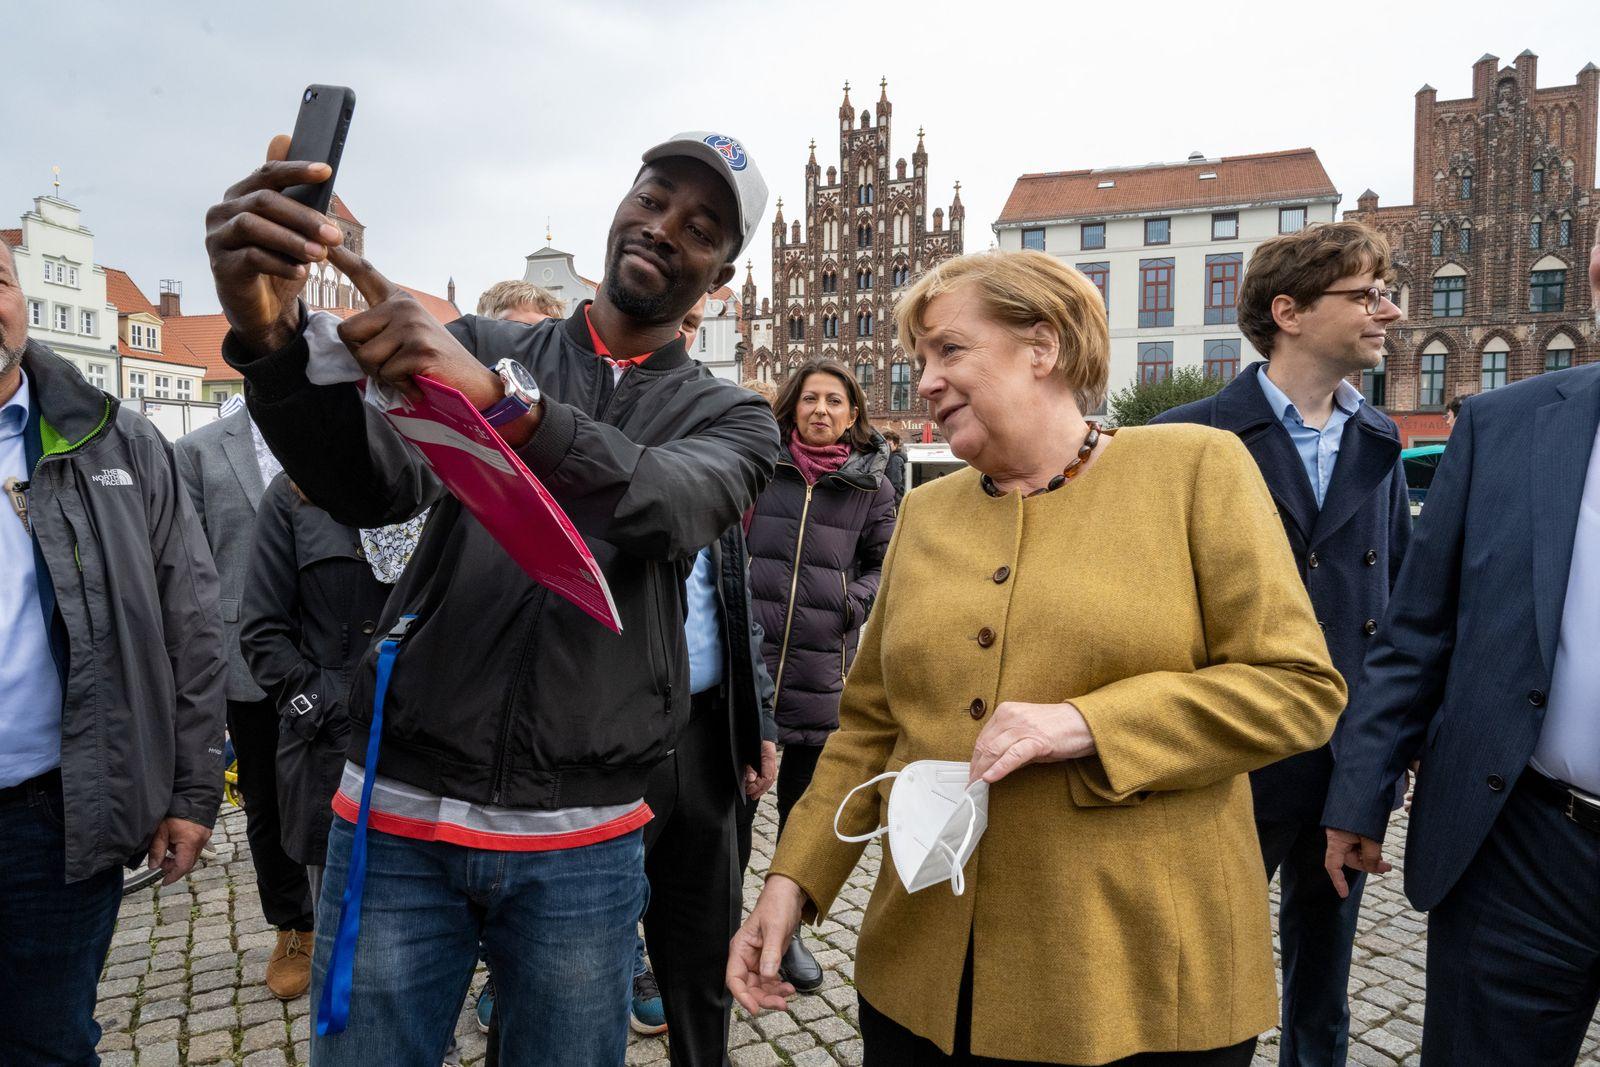 Bundeskanzlerin besucht Mecklenburg-Vorpommern